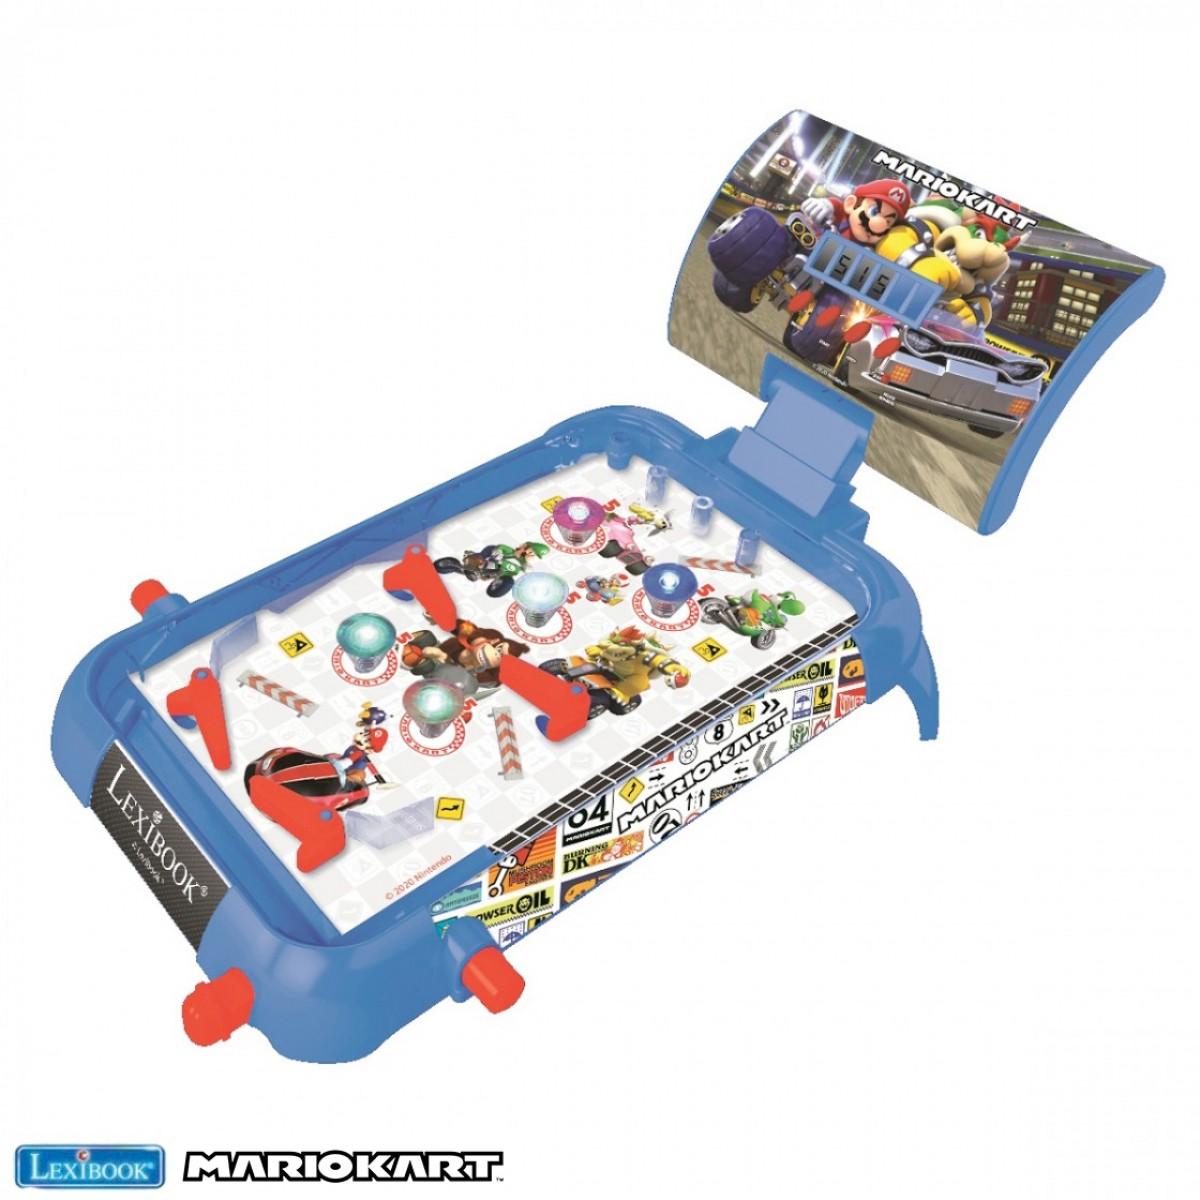 Mario Kart Flipper Électronique de table, Jeu d'action et réflexe enfant et famille